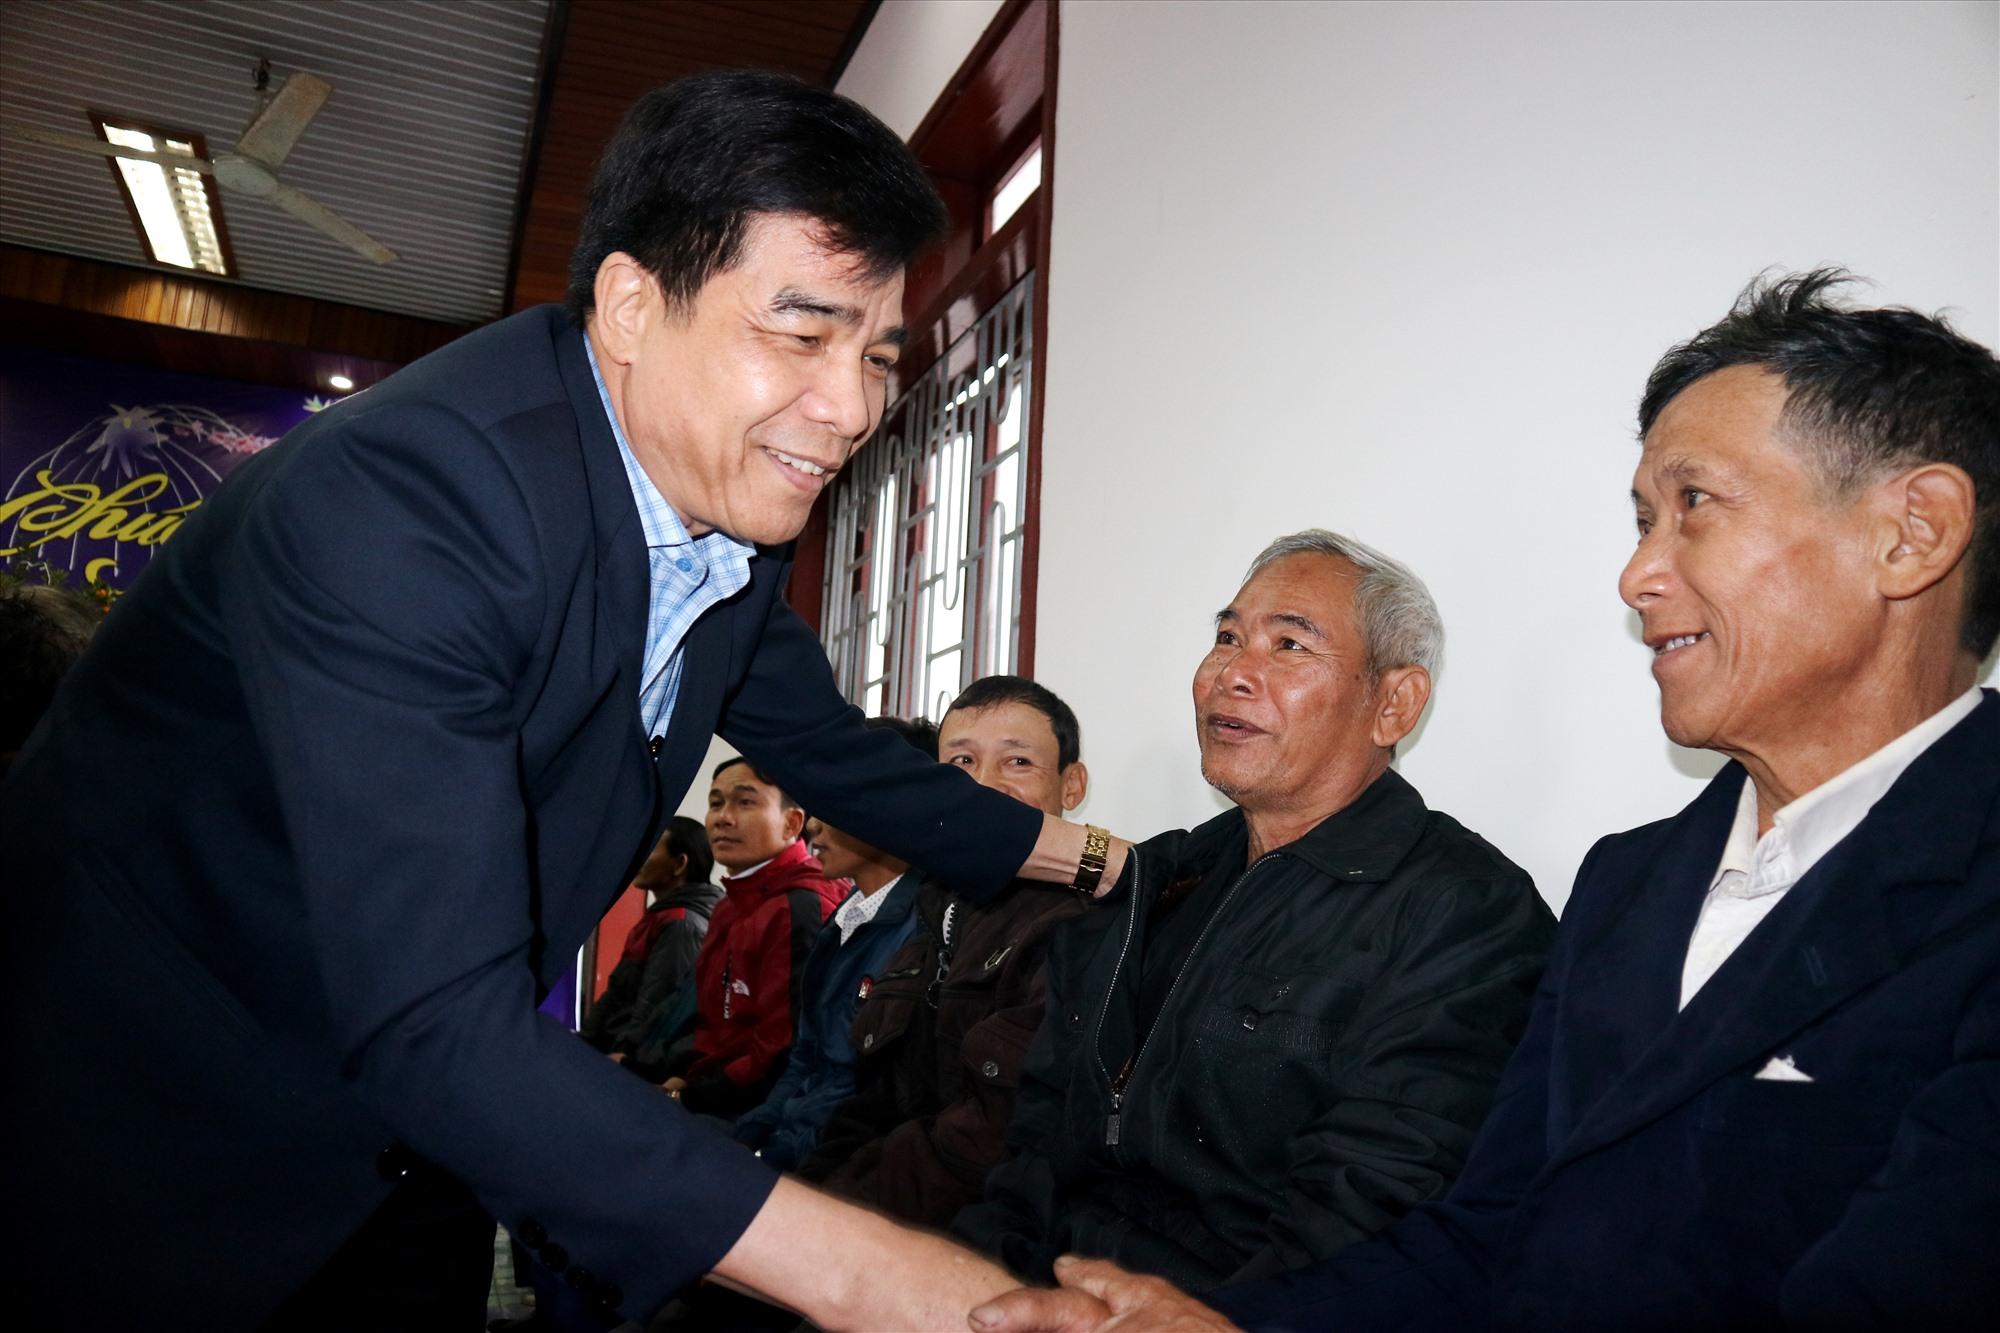 Phó Bí thư Tỉnh ủy Lê Văn Dũng thăm hỏi sức khỏe các già làng, người có uy tín huyện Bắc Trà My. Ảnh: A.N